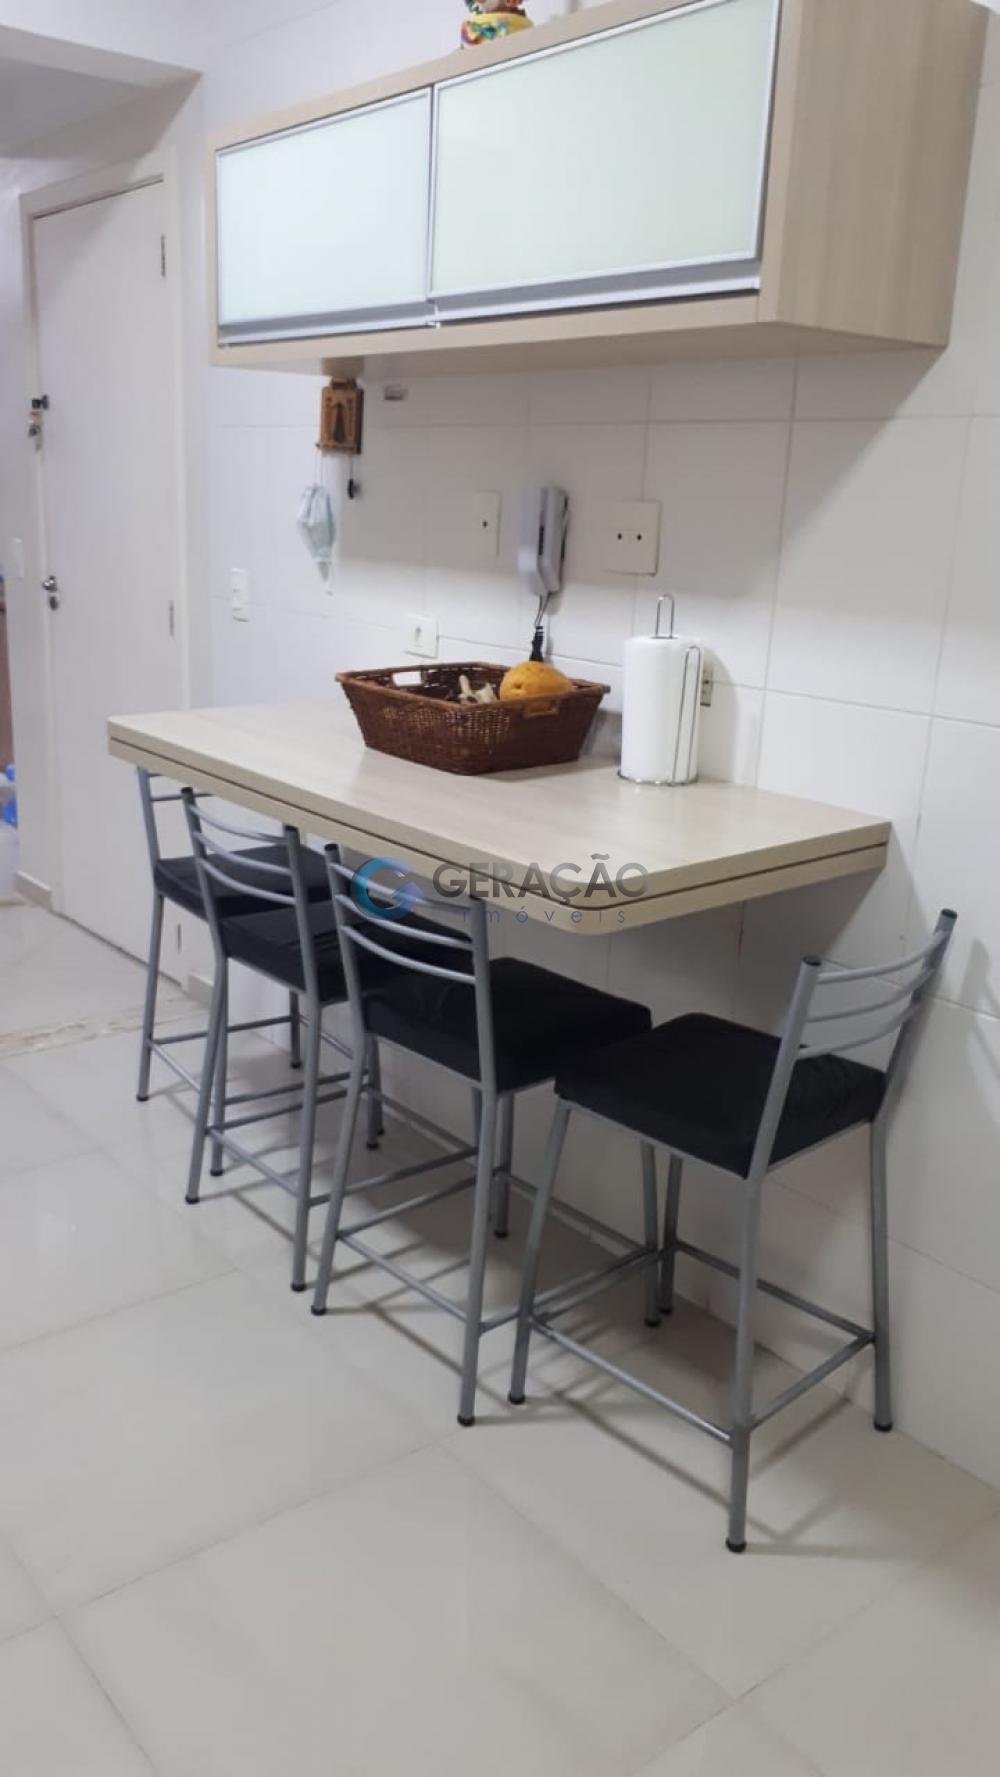 Comprar Apartamento / Padrão em São José dos Campos R$ 780.000,00 - Foto 13